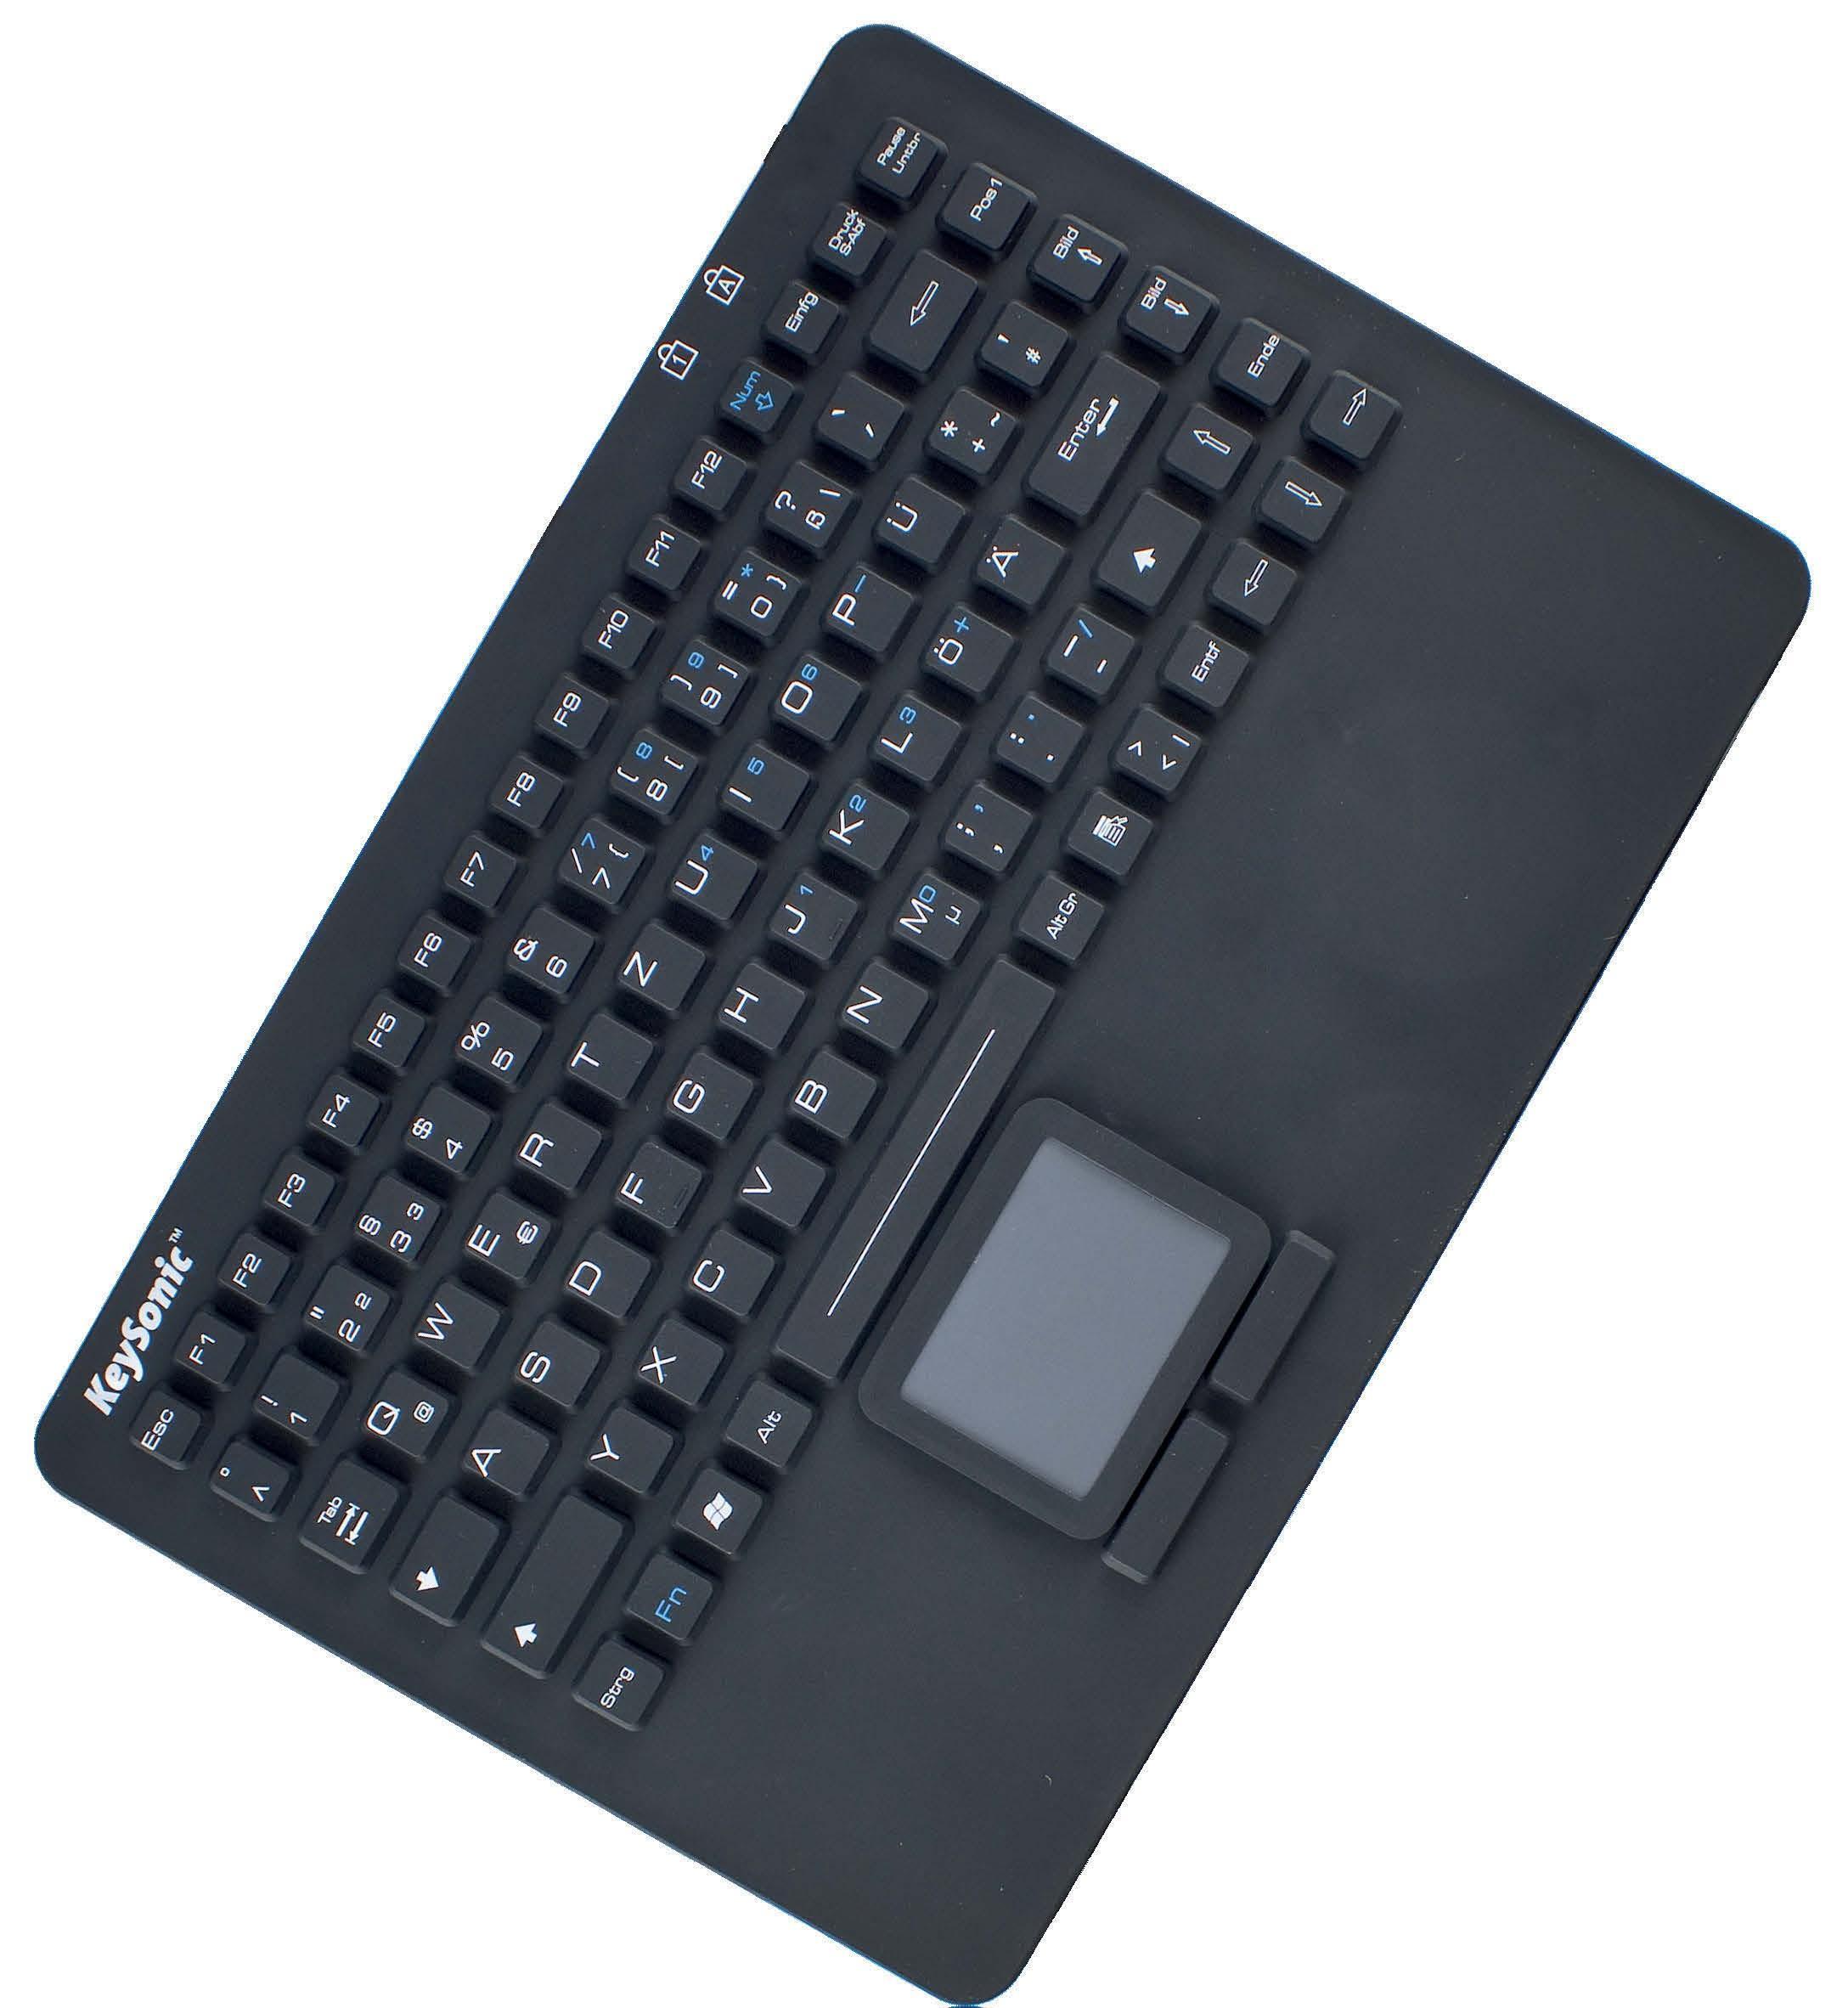 ksk 5230 in tastatur schwarz wei mobile and more. Black Bedroom Furniture Sets. Home Design Ideas